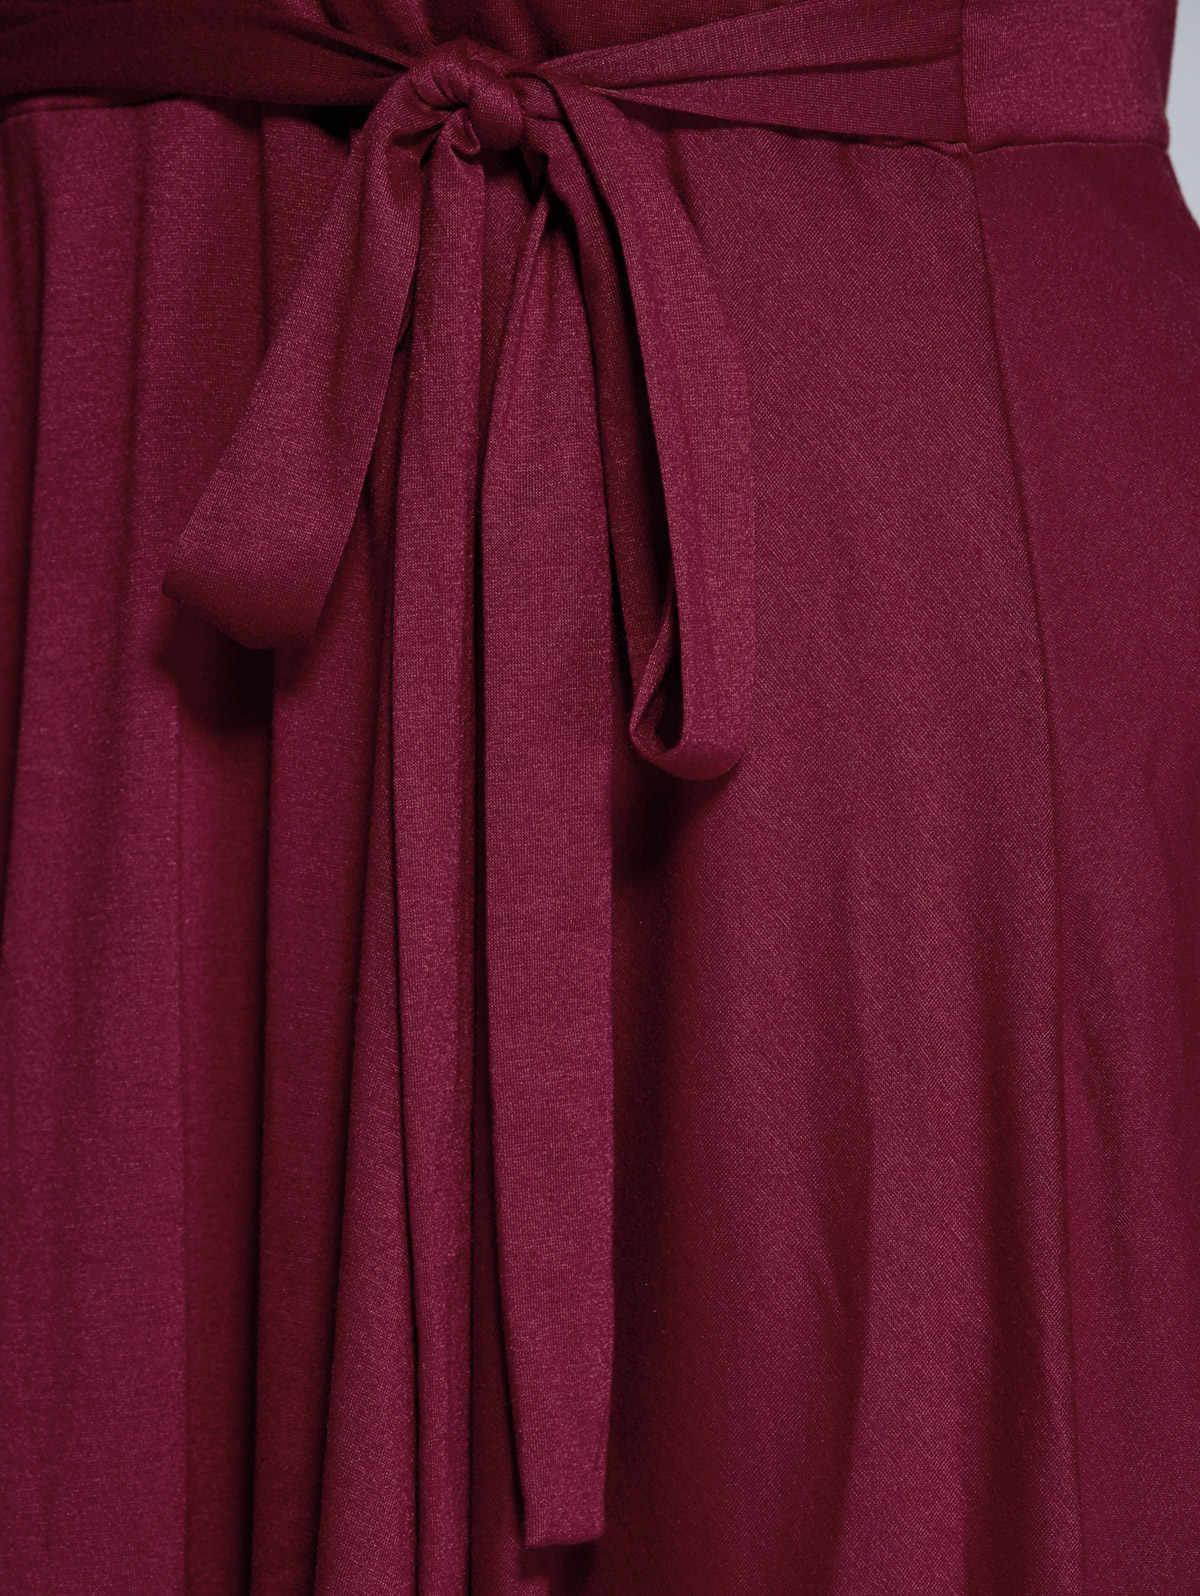 Wipalo/Большие размеры 9XL 8XL 7XL 6XL, женское супер эластичное летнее сексуальное платье с v-образным вырезом, винтажная Офисная Рабочая одежда, платье миди, сарафан более размера